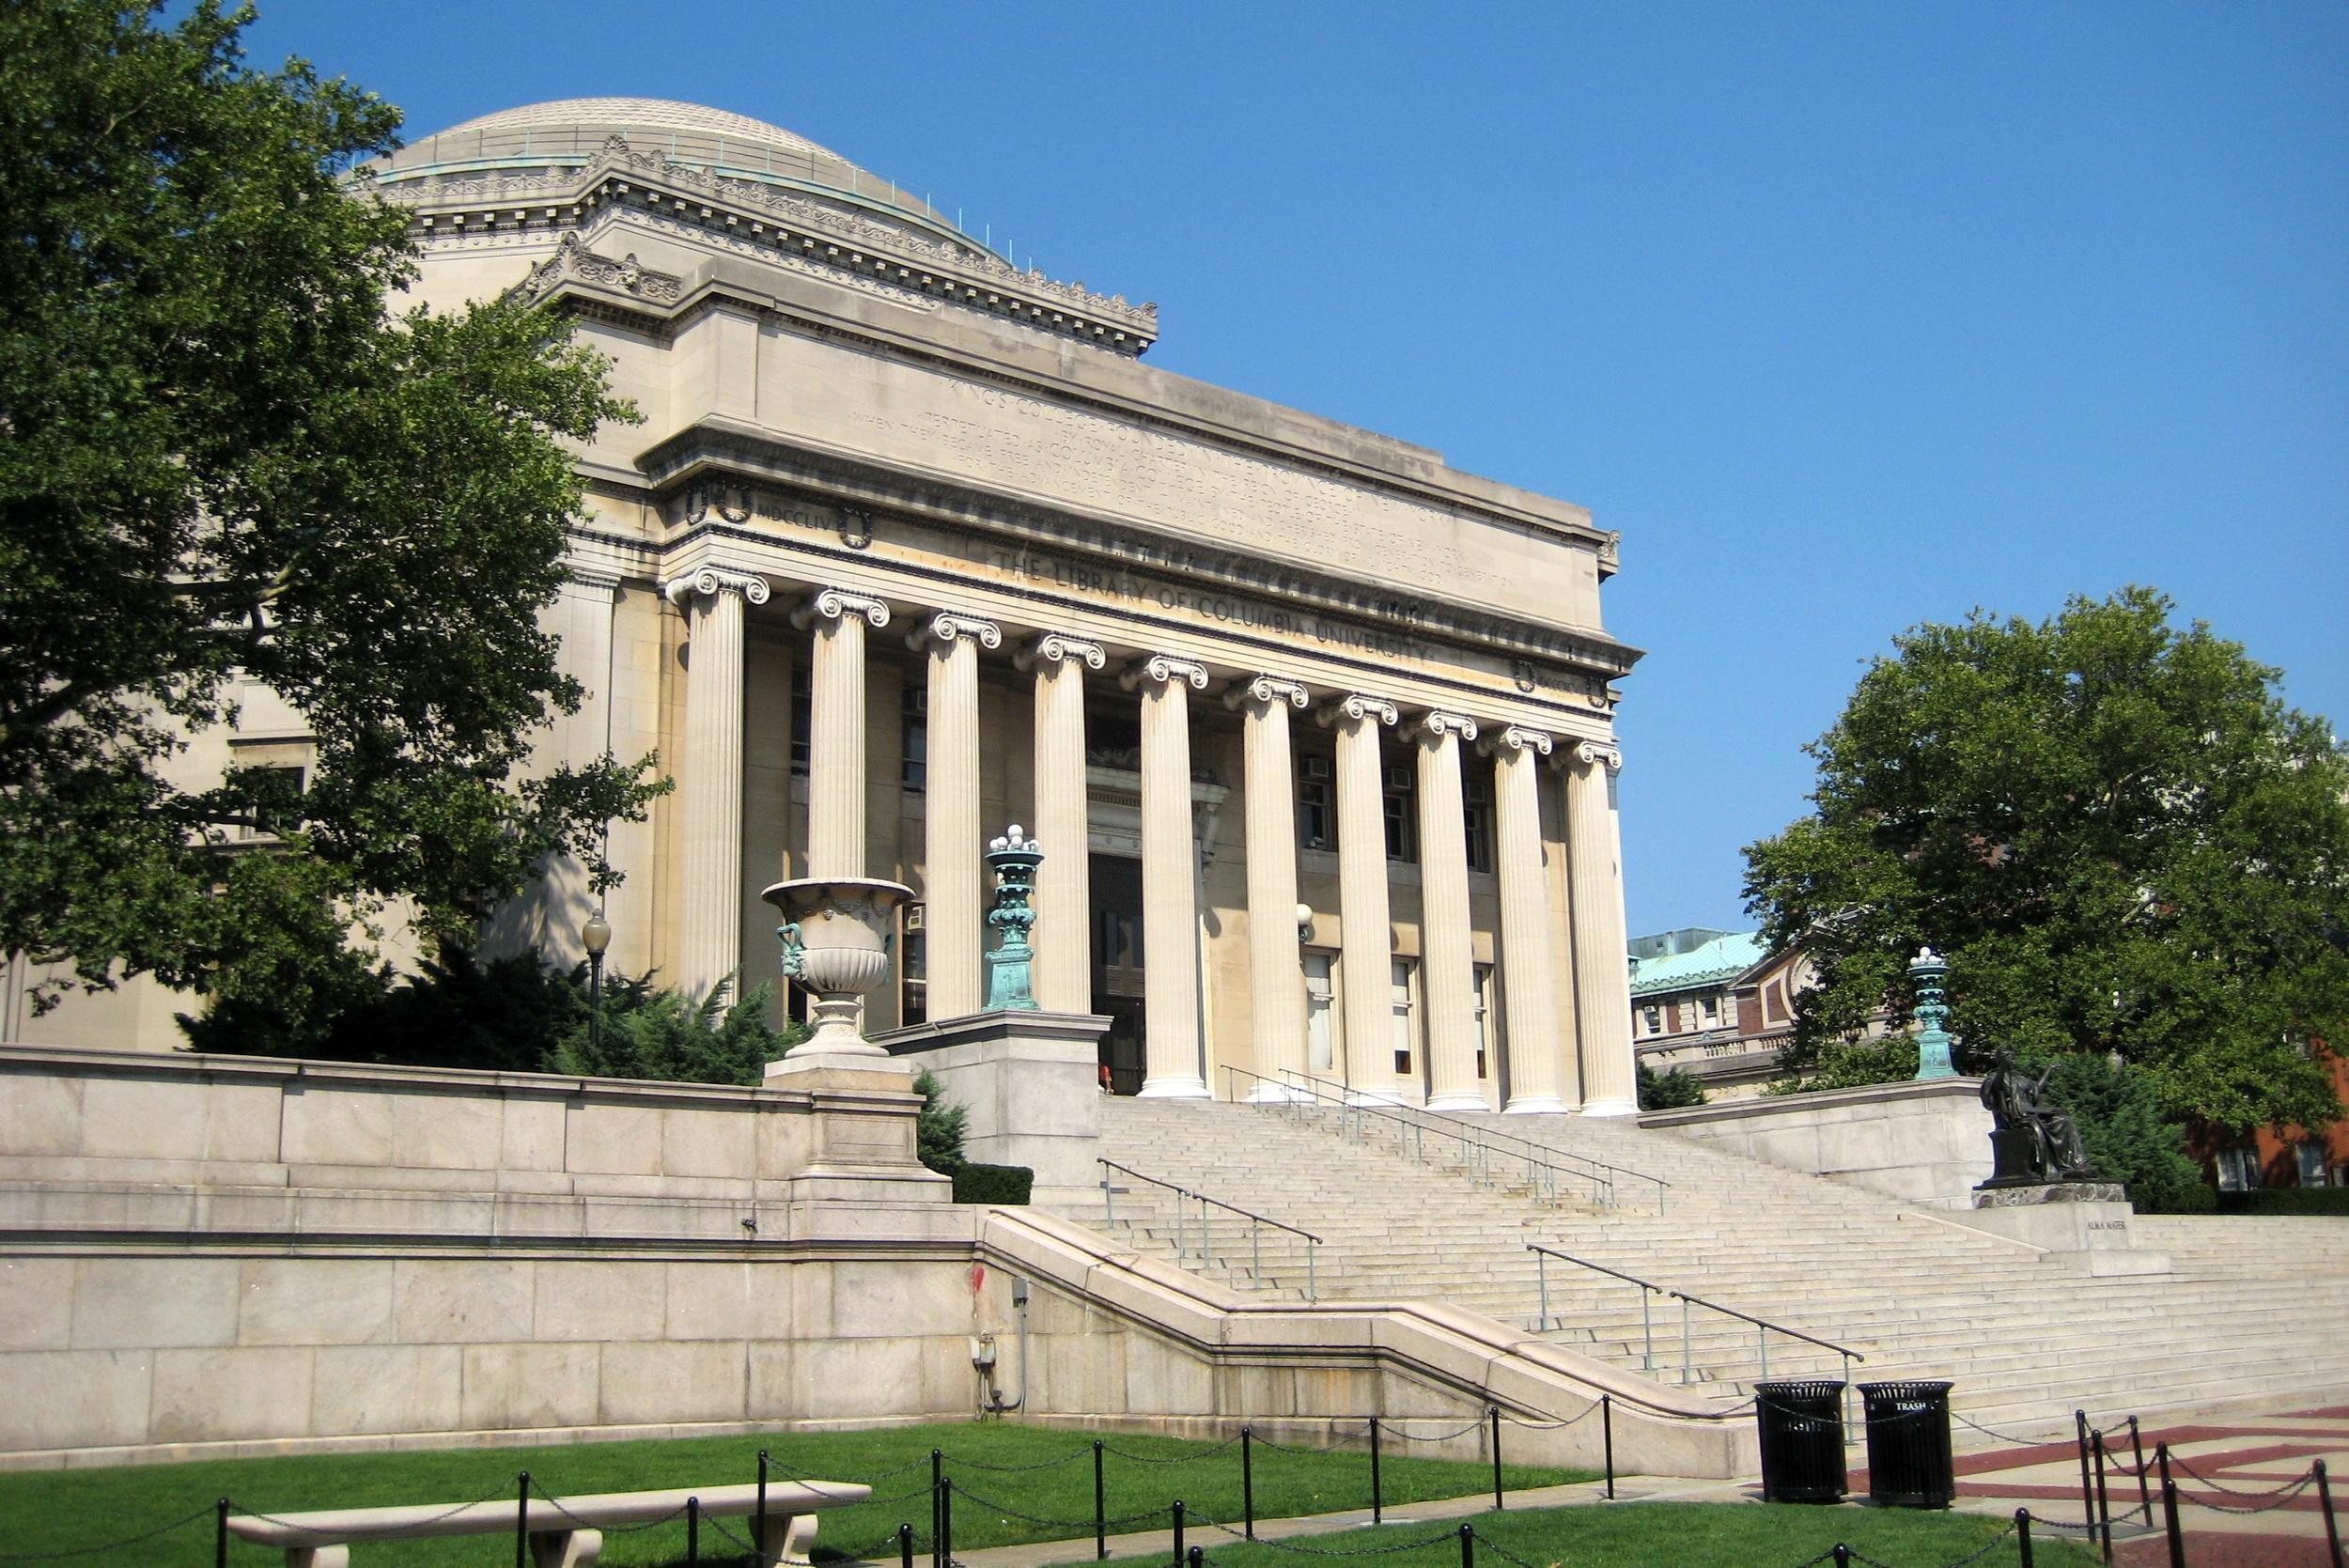 Por dois meses, em julho de 2015 e julho de 2016, os alunos do mestrado terão aulas presenciais na sede da Columbia, em Nova Iorque. Foto: Wally Gobetz